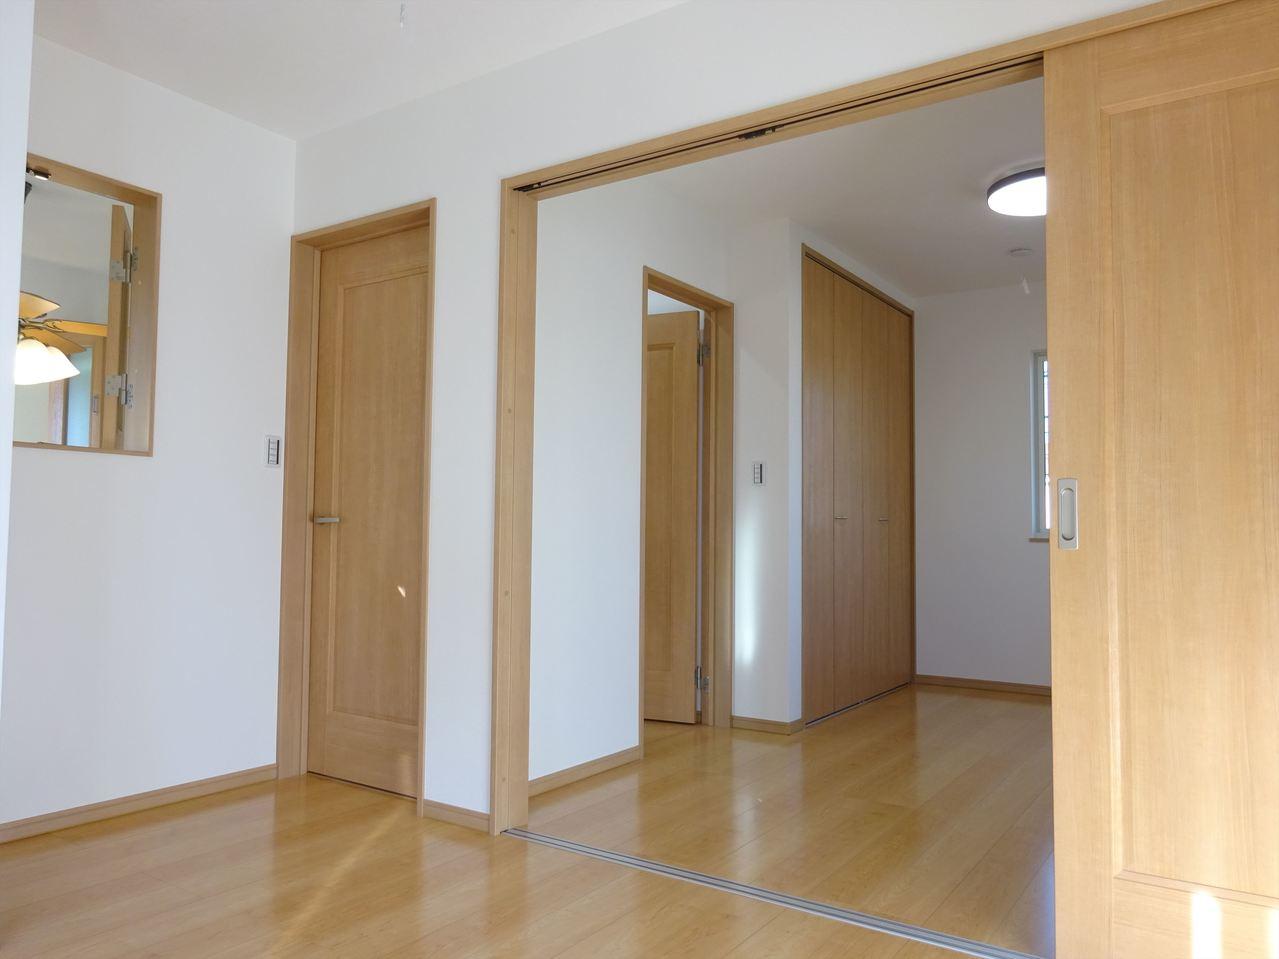 洋室、採光が優しい。 小窓があるお部屋はとても開放的で明るい気分になれそうです。